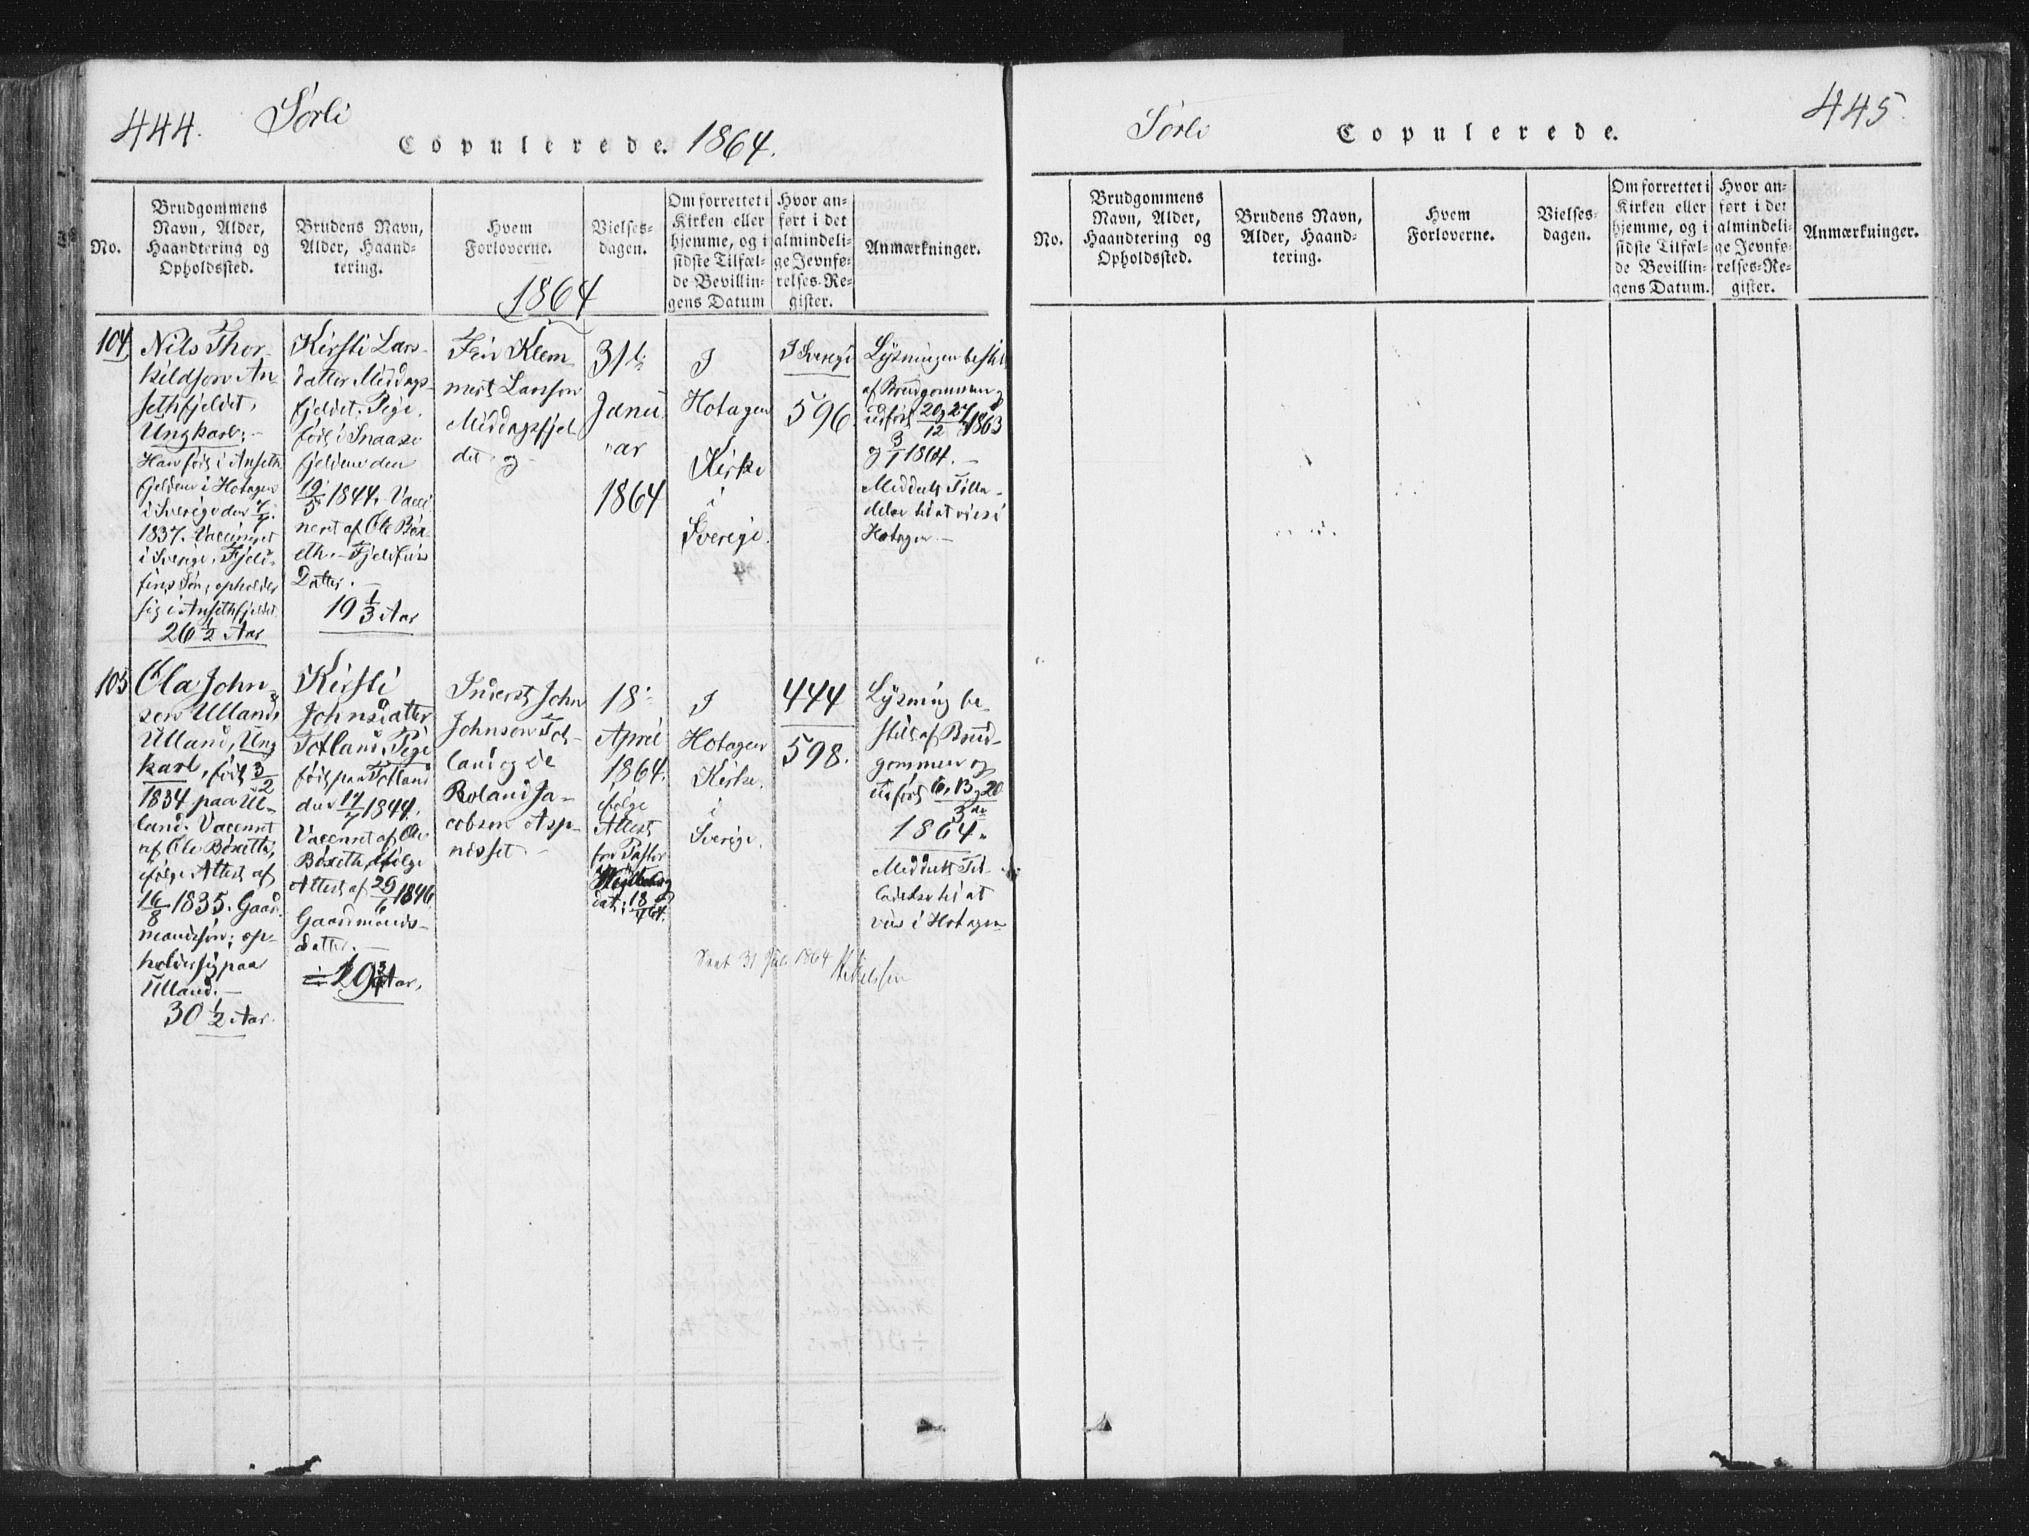 SAT, Ministerialprotokoller, klokkerbøker og fødselsregistre - Nord-Trøndelag, 755/L0491: Ministerialbok nr. 755A01 /2, 1817-1864, s. 444-445